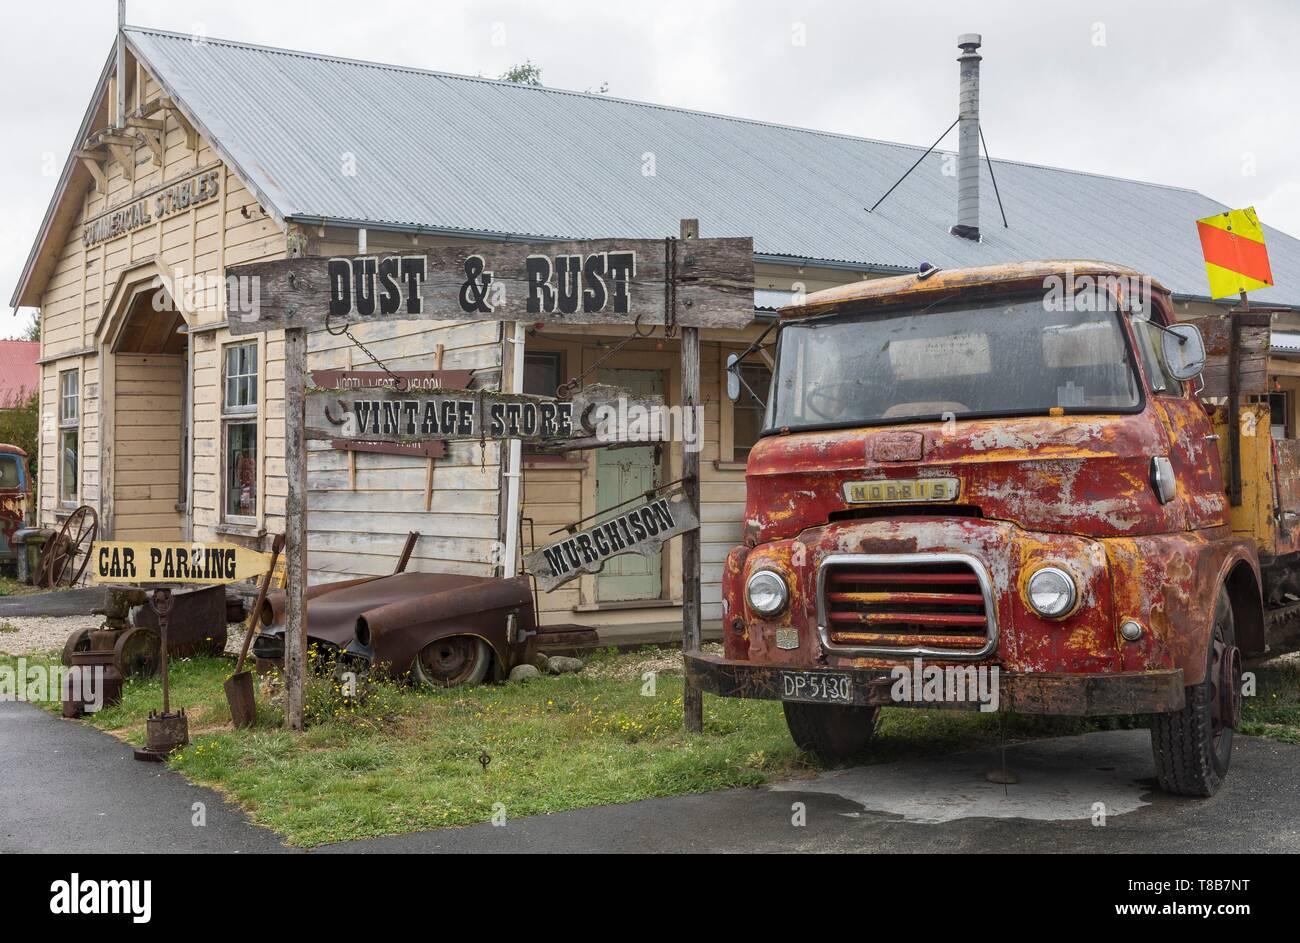 New Zealand, South Island, Tasman region, Murchison flea market - Stock Image